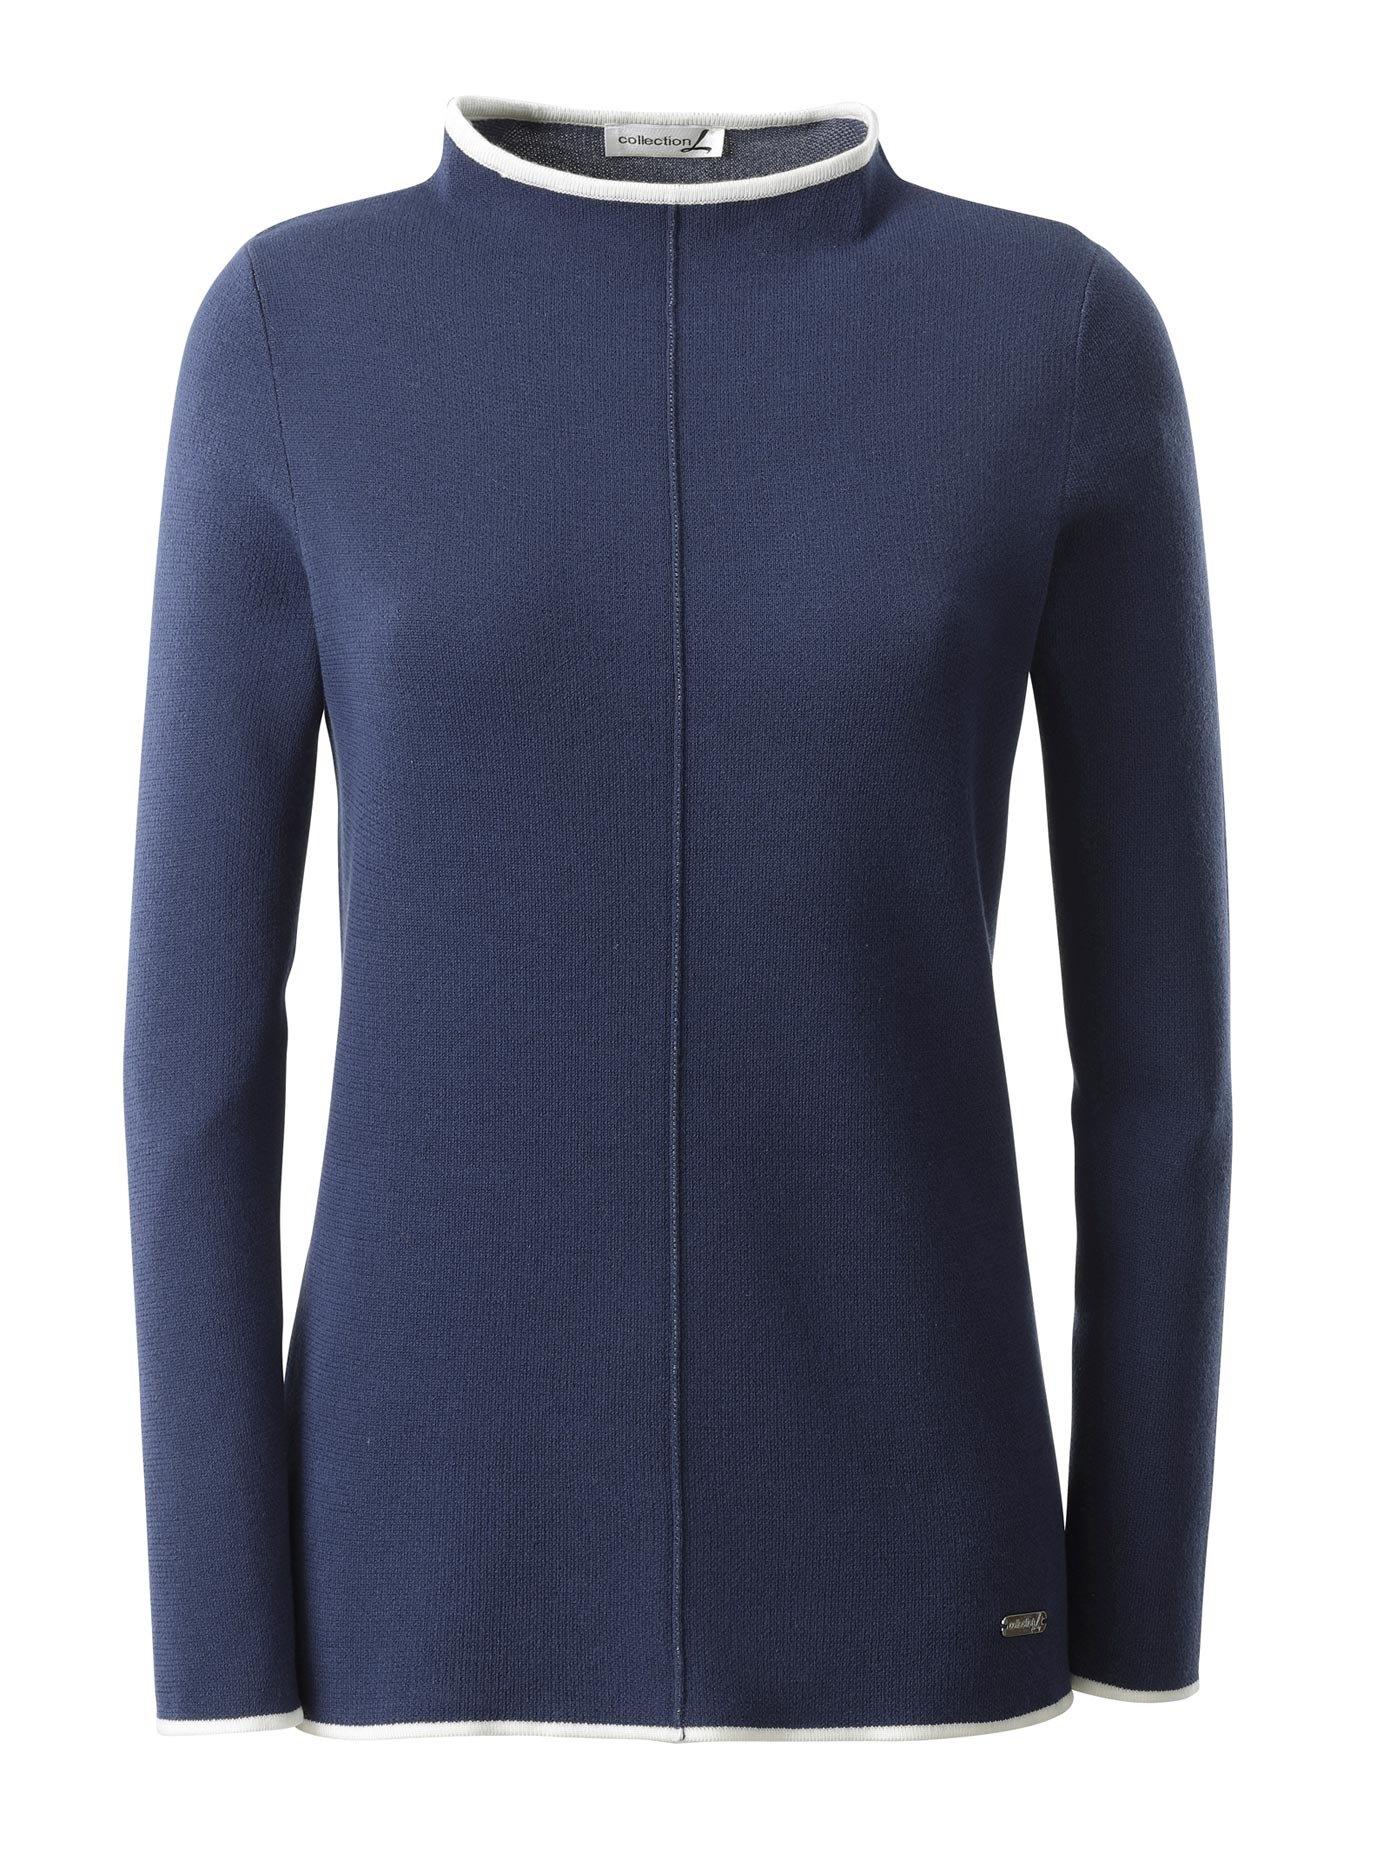 Casual Looks gebreide trui voordelig en veilig online kopen